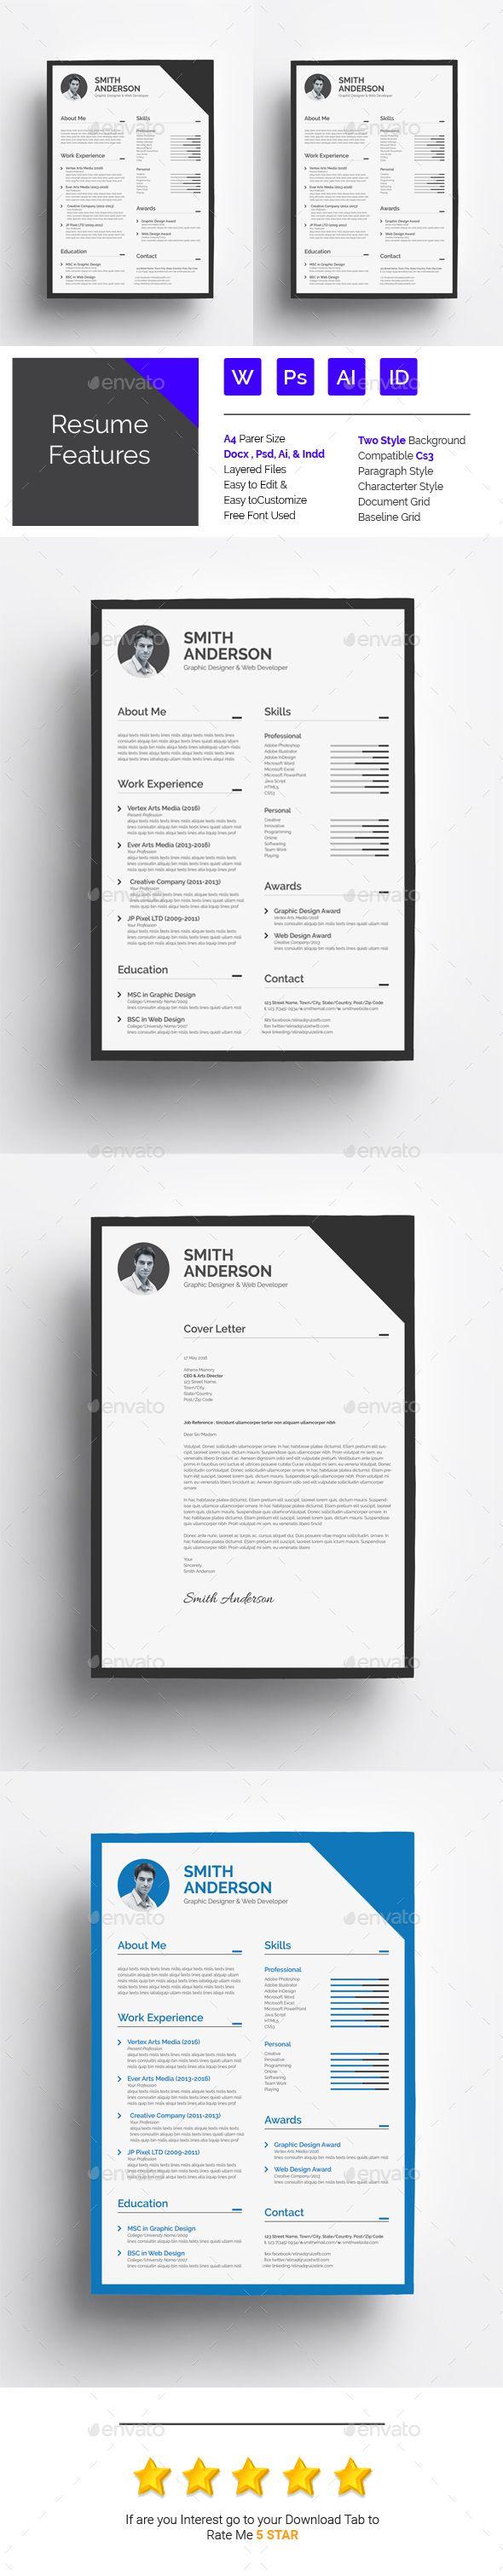 42 best UX Design Resume images on Pinterest | Resume design, Cv ...